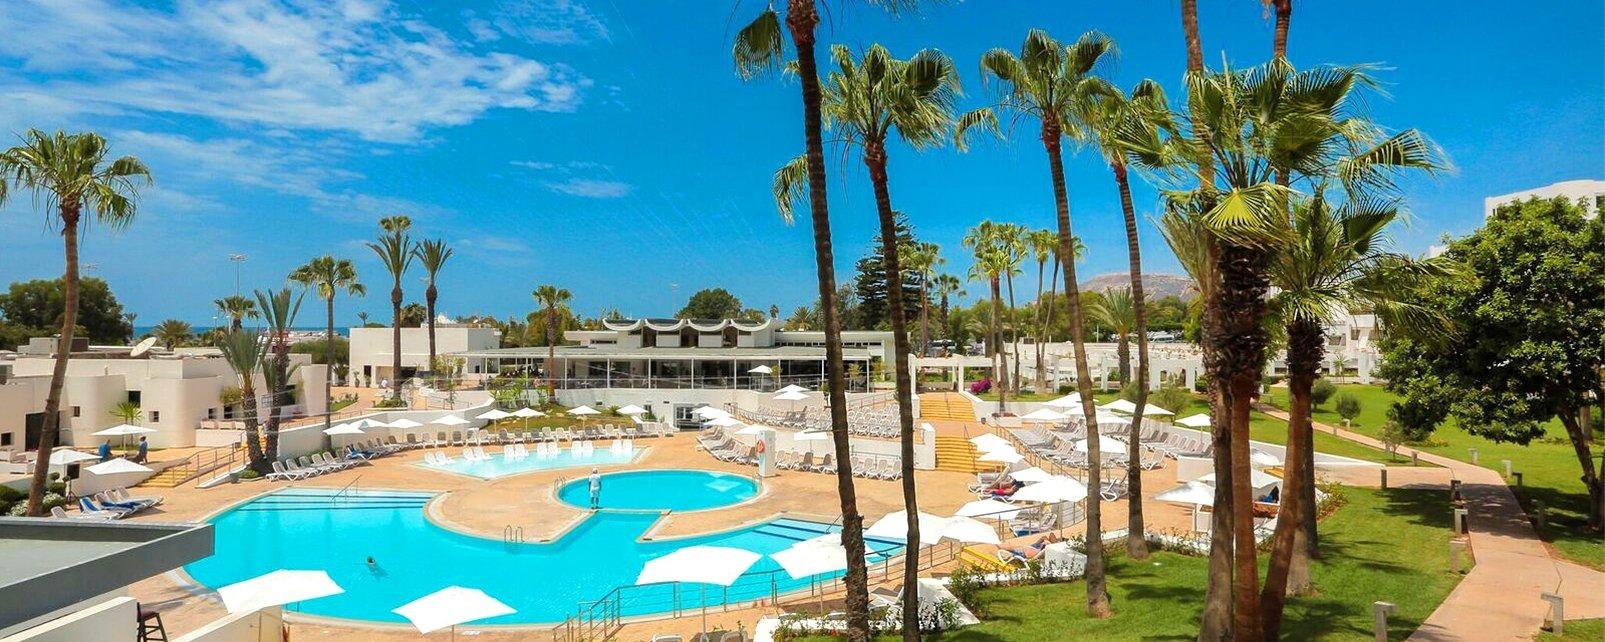 Bravo Club Allegro Agadir 4*